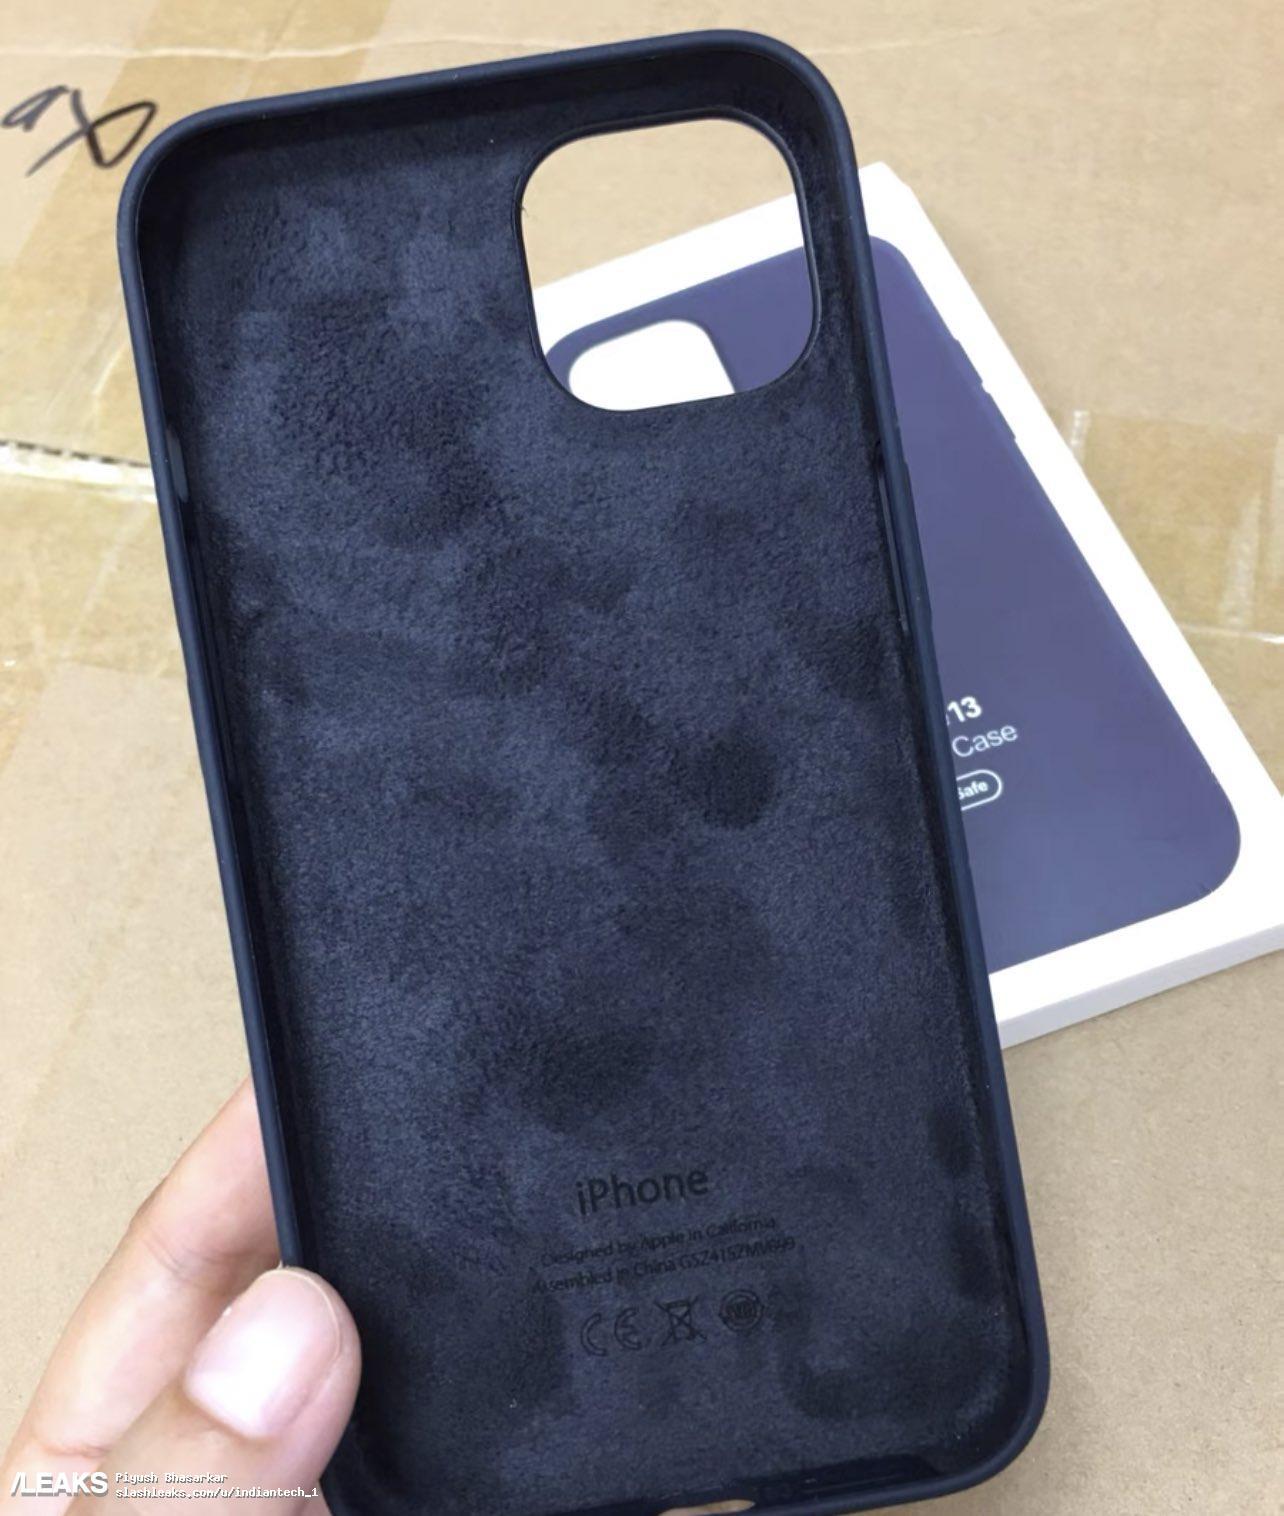 W sieci pojawiły się zdjęcia oryginalnych etui Apple do iPhone 13 ciekawostki silikonowe etui firmy apple, silikonowe etui do iphone 13, iPhone 13 Pro, iPhone 13, Apple  Serwis Slashleaks opublikował nowe zdjęcia silikonowych etui firmy Apple na smartfony z linii iPhone 13. Zobaczcie je wszystkie już teraz. iP13 etui 7